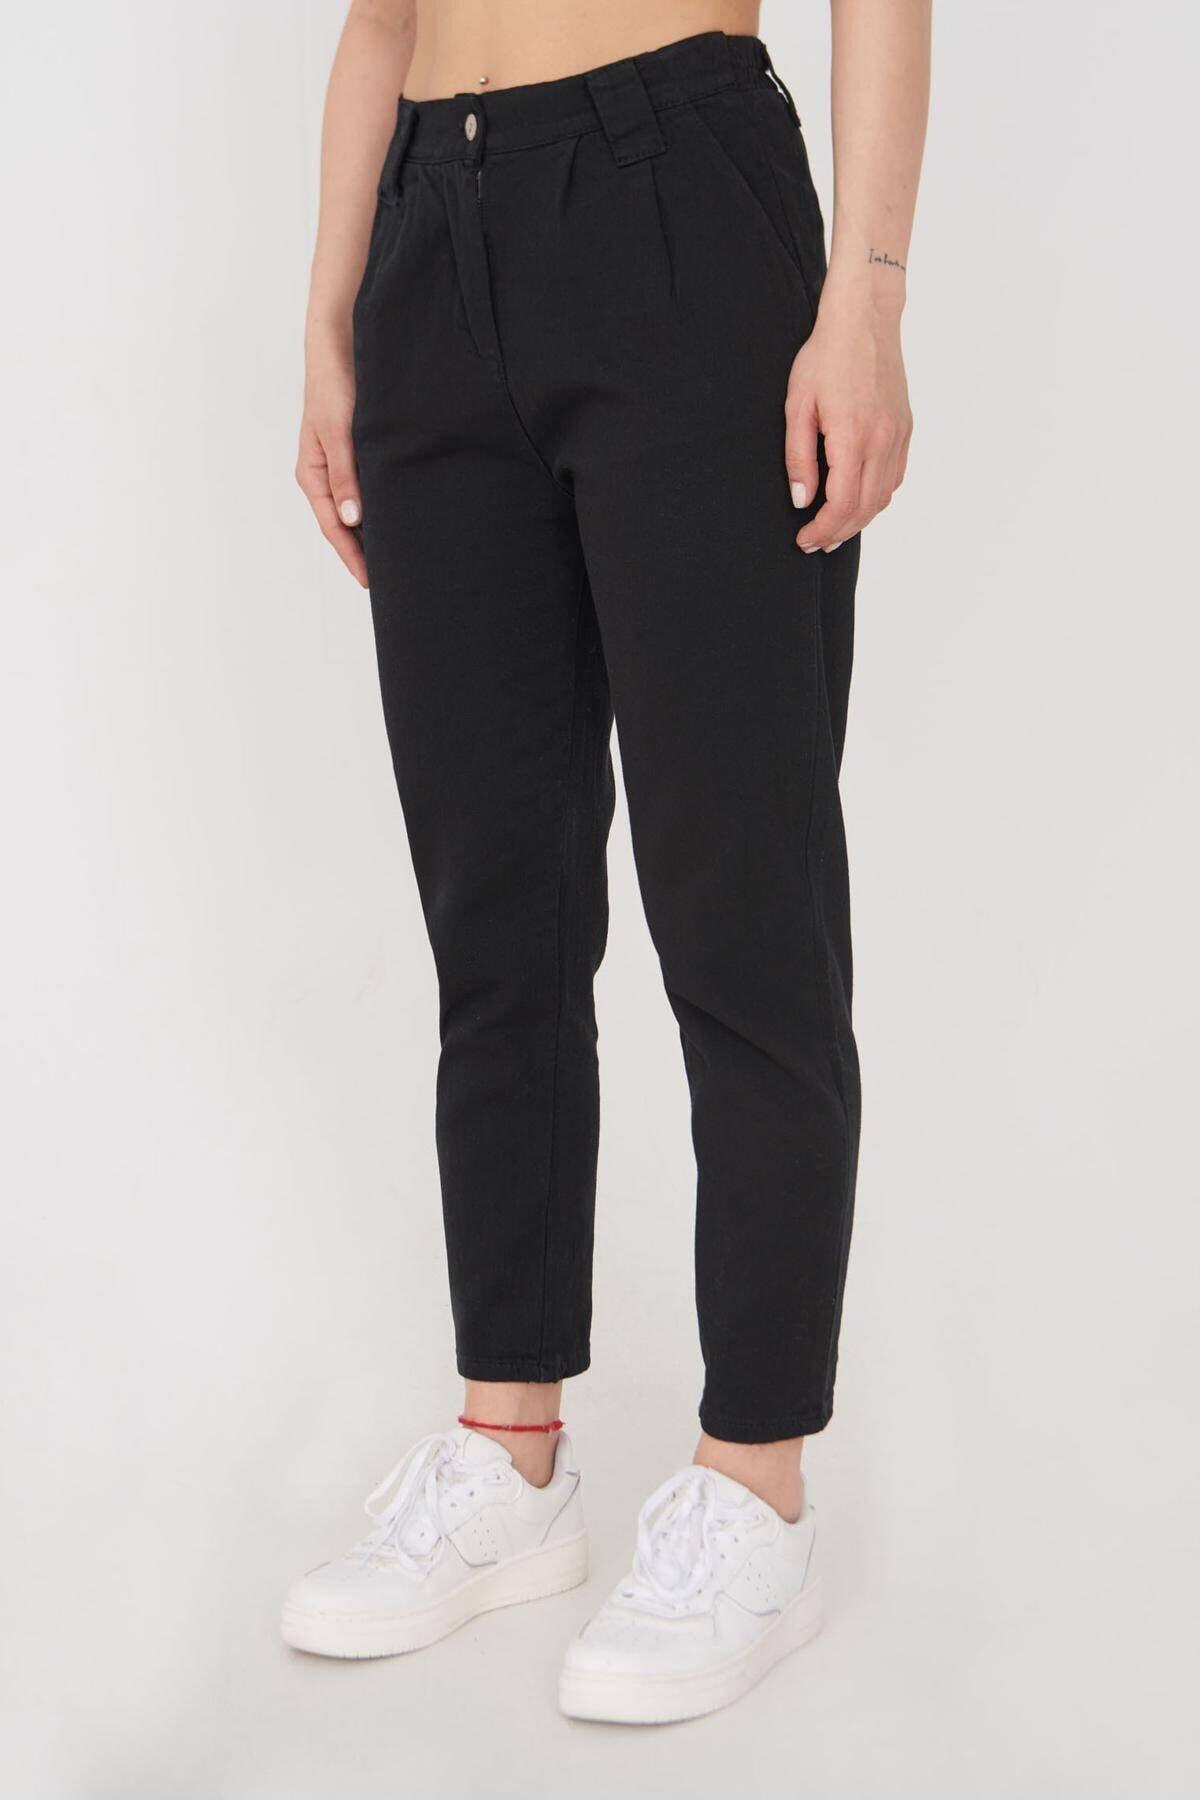 Addax Kadın Siyah Cep Detaylı Pantolon Pn4396 - G4 Adx-0000023917 1